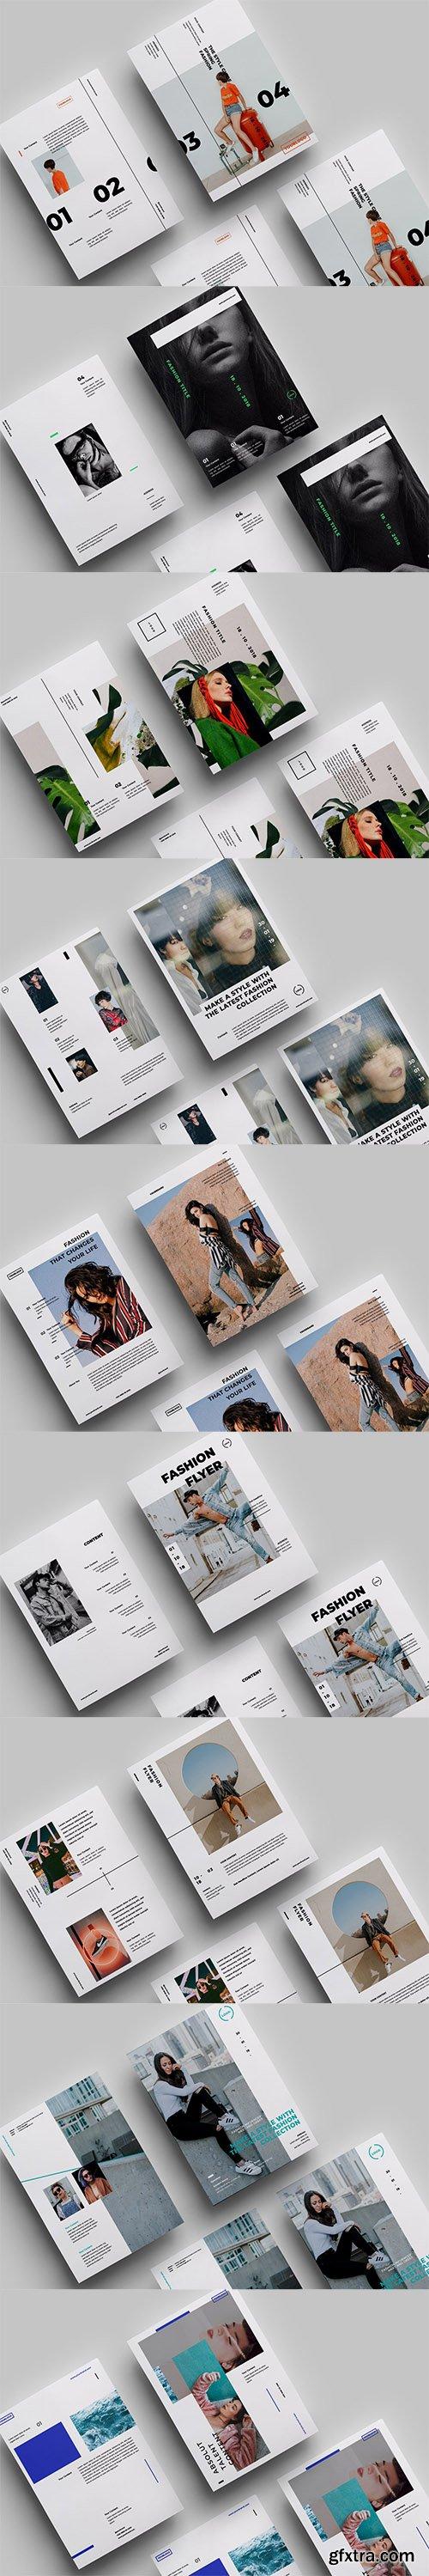 9 Minimalist Flyer Design